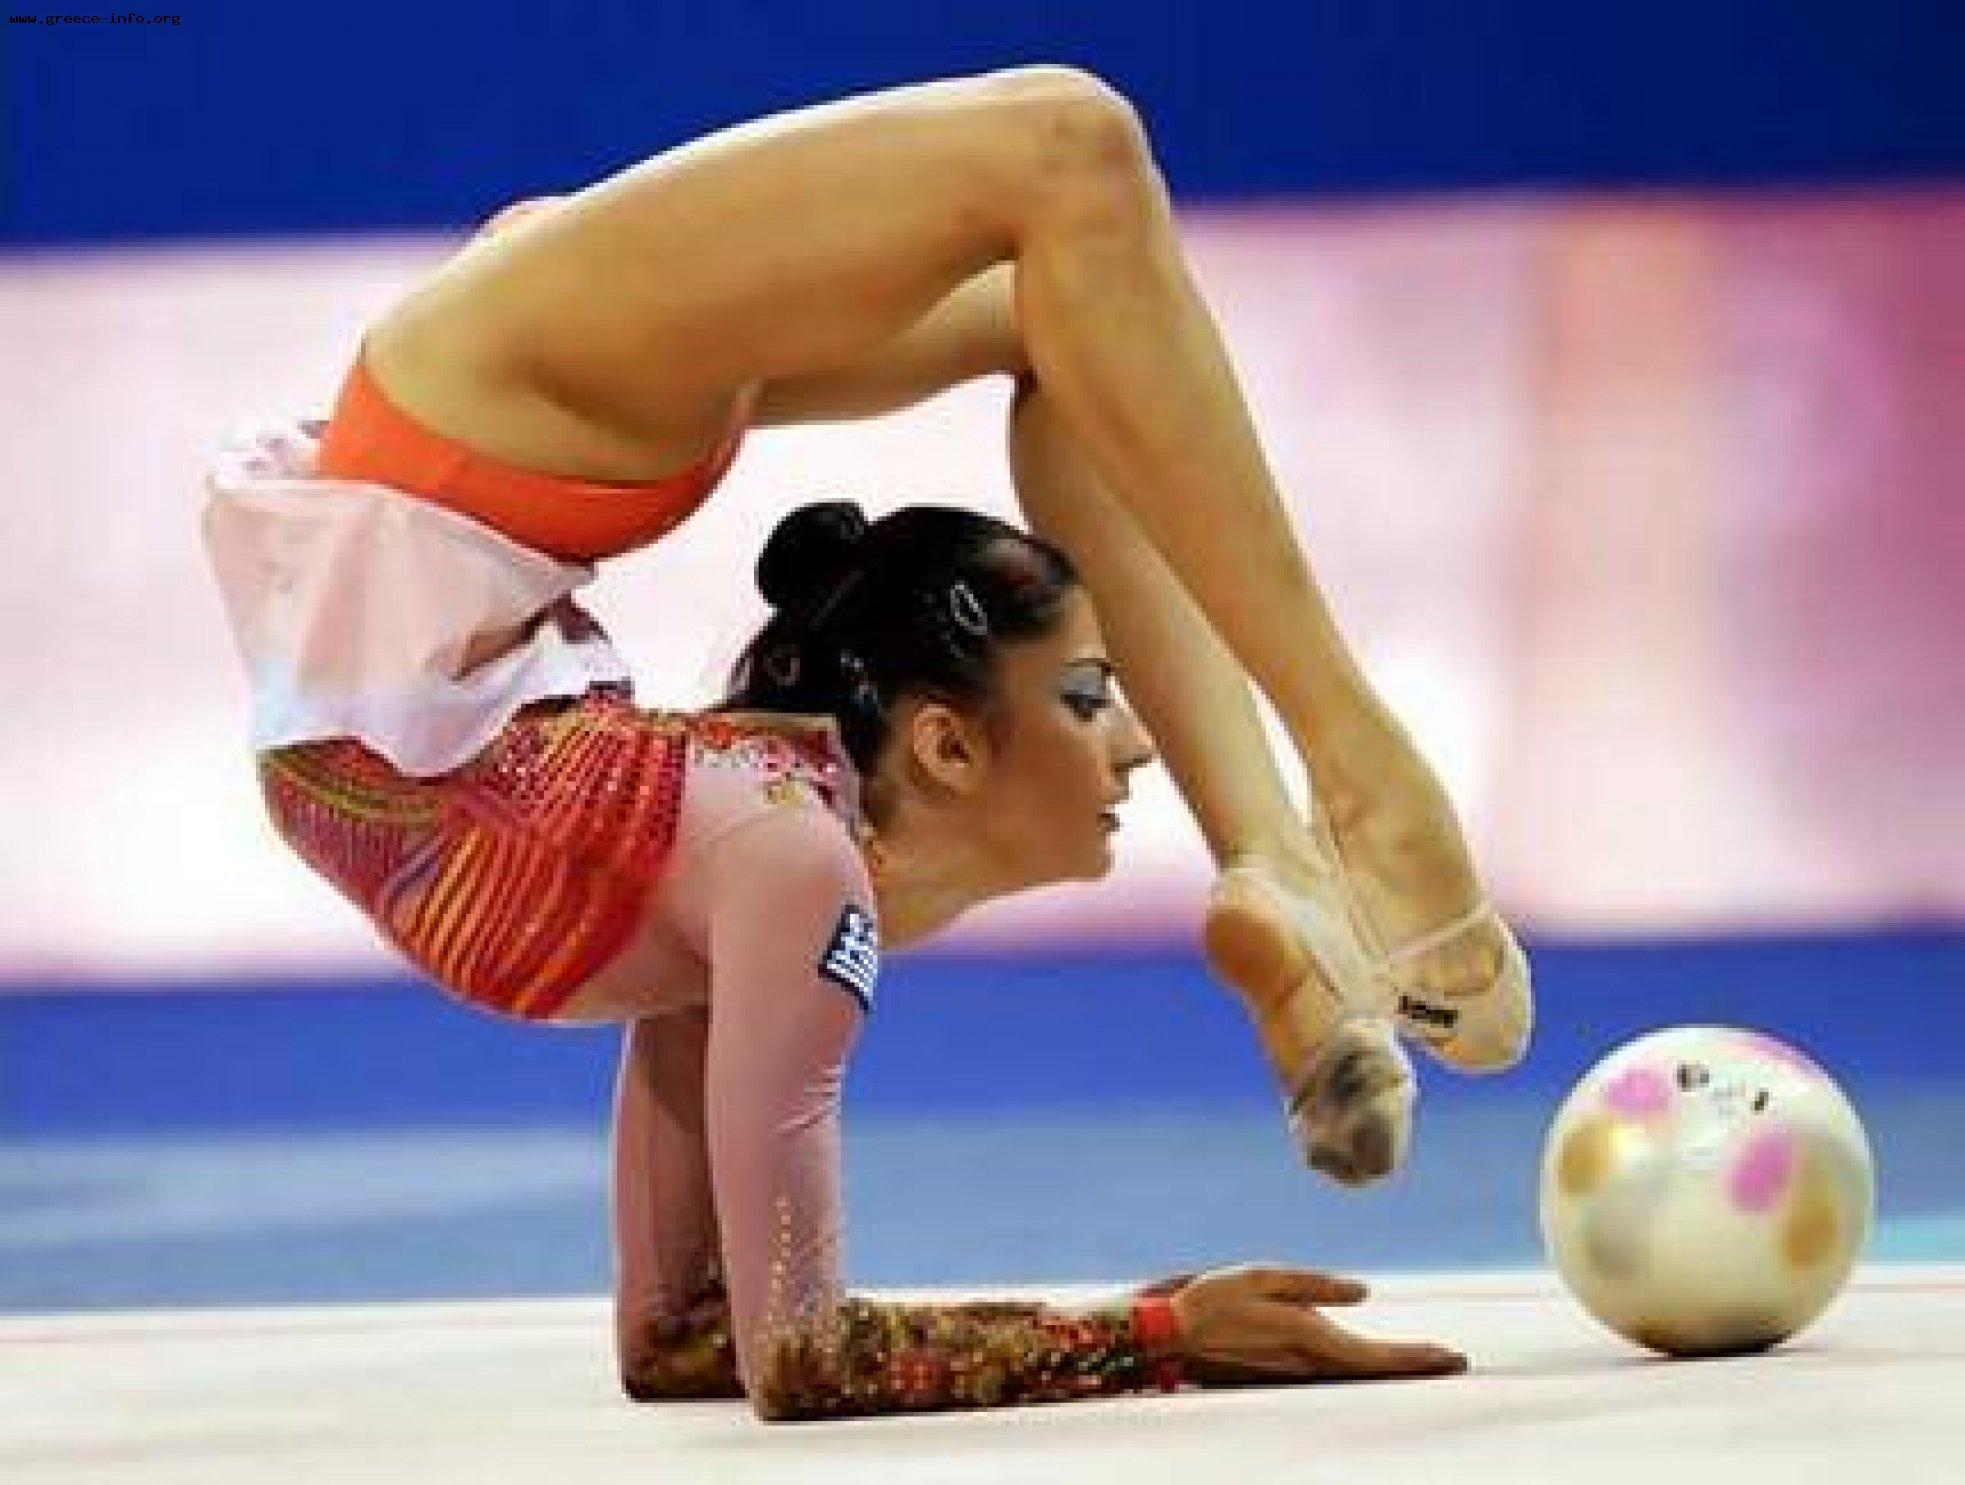 Фото спортсменок художественной гимнастики крупным планом 24 фотография